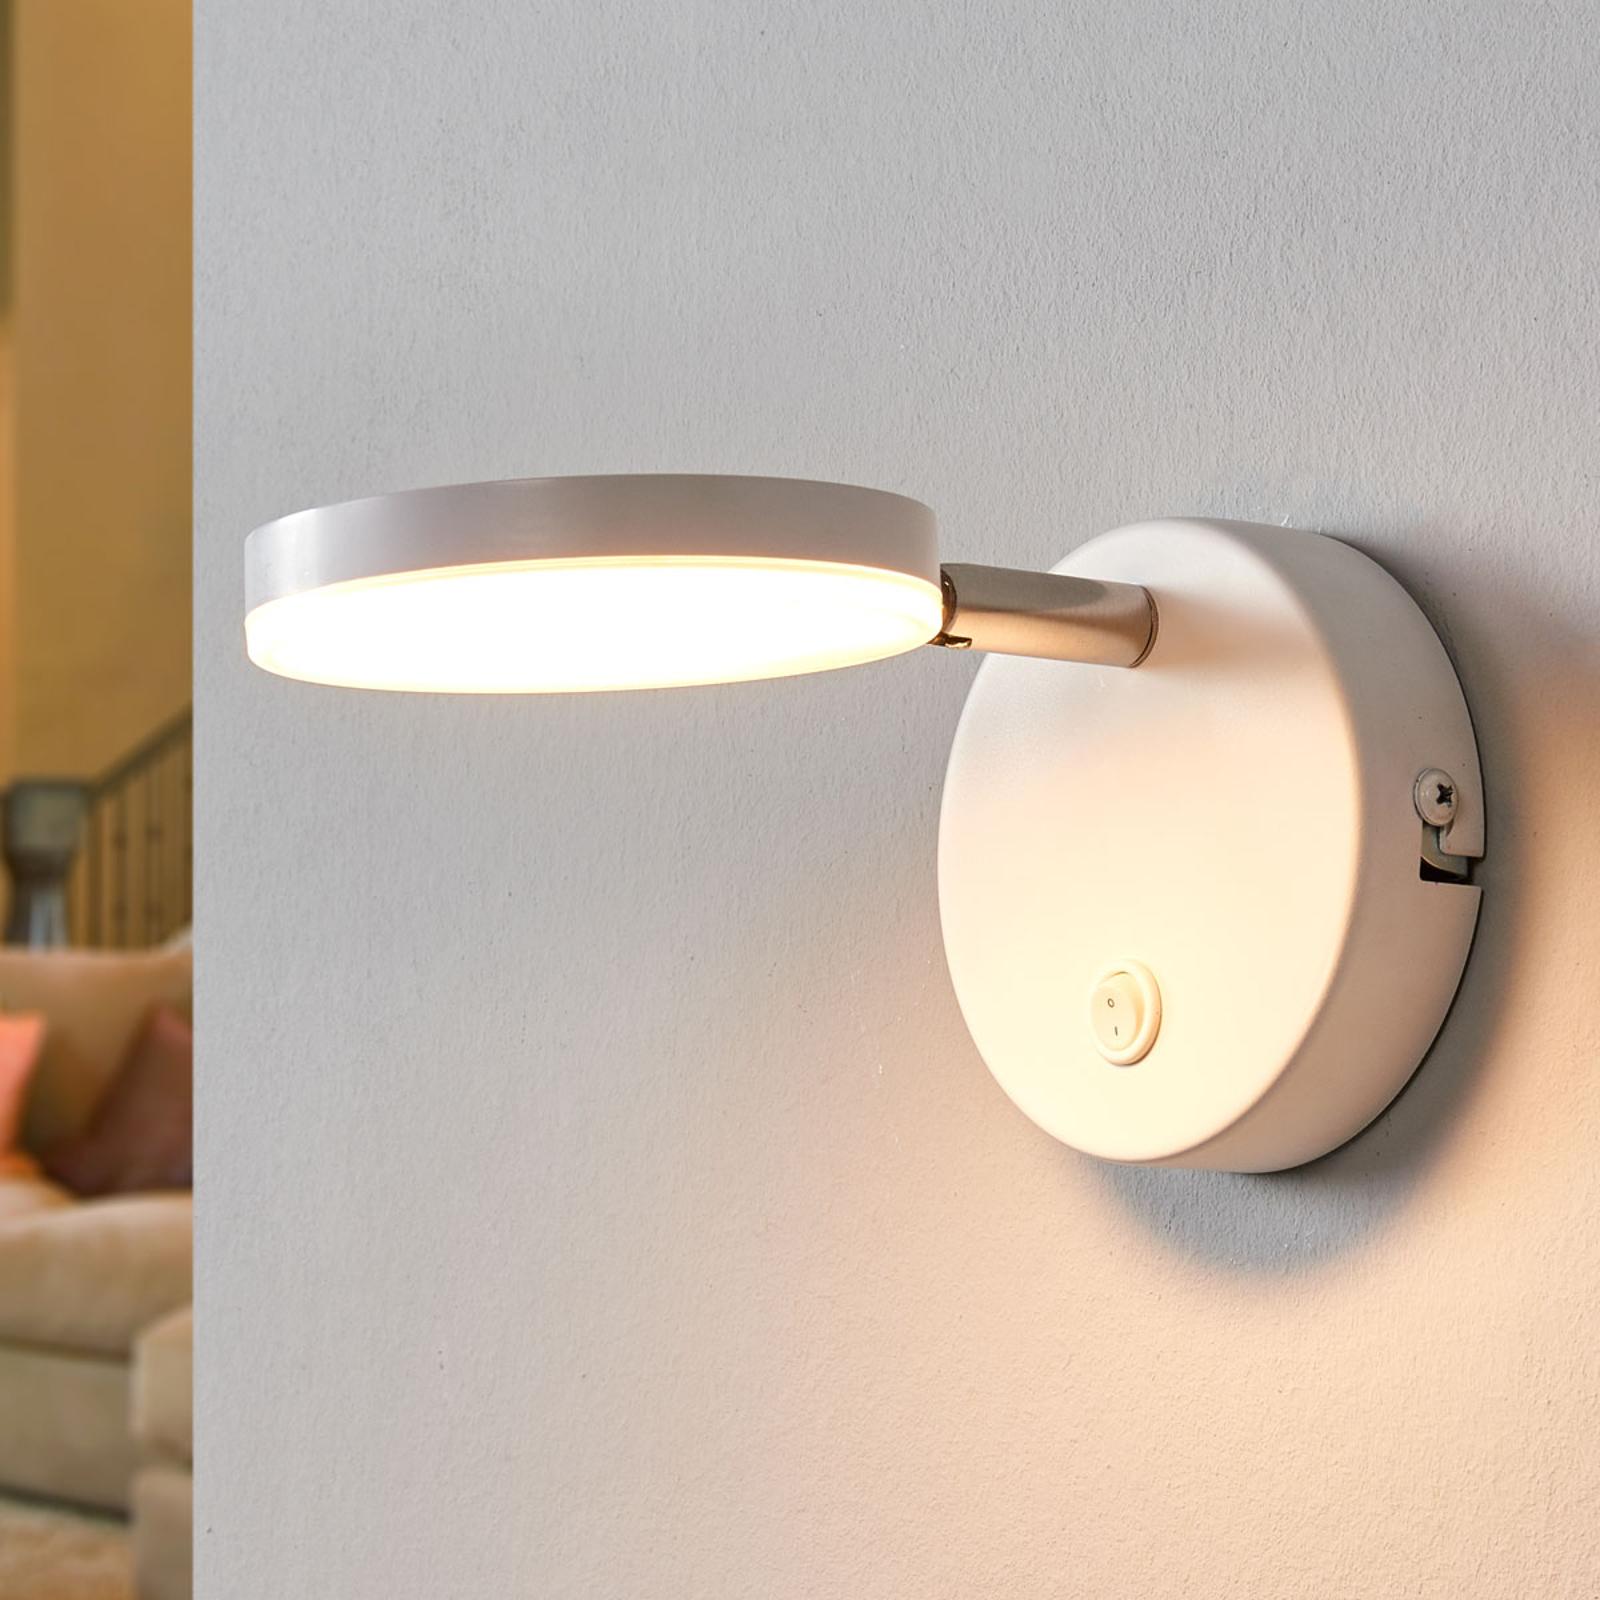 Hvid LED væglampe Milow med kontakt